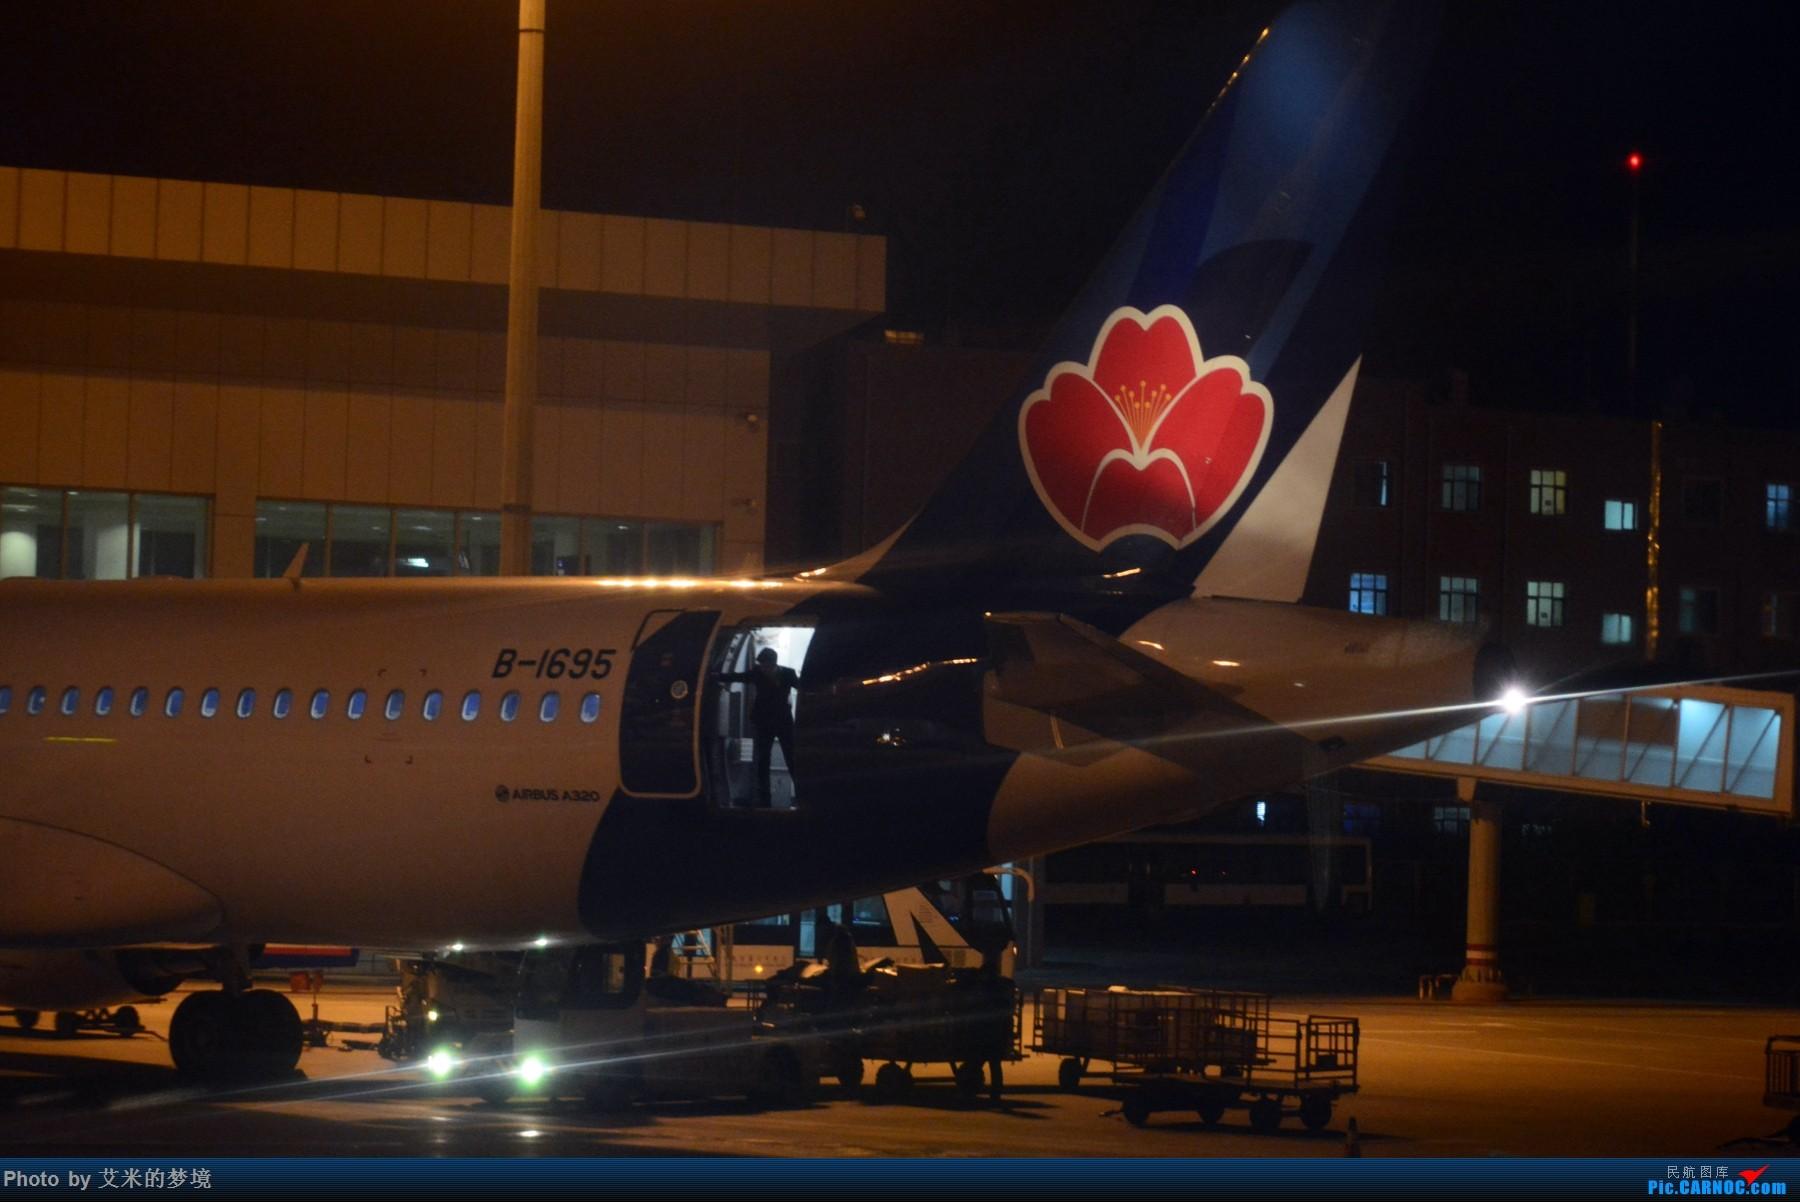 Re:[原创]【carnoc重庆飞友会】春运辣么忙,我想去拍拍。天气那么烂,技术也不好。 AIRBUS A320-200 B-1695 中国兰州中川国际机场